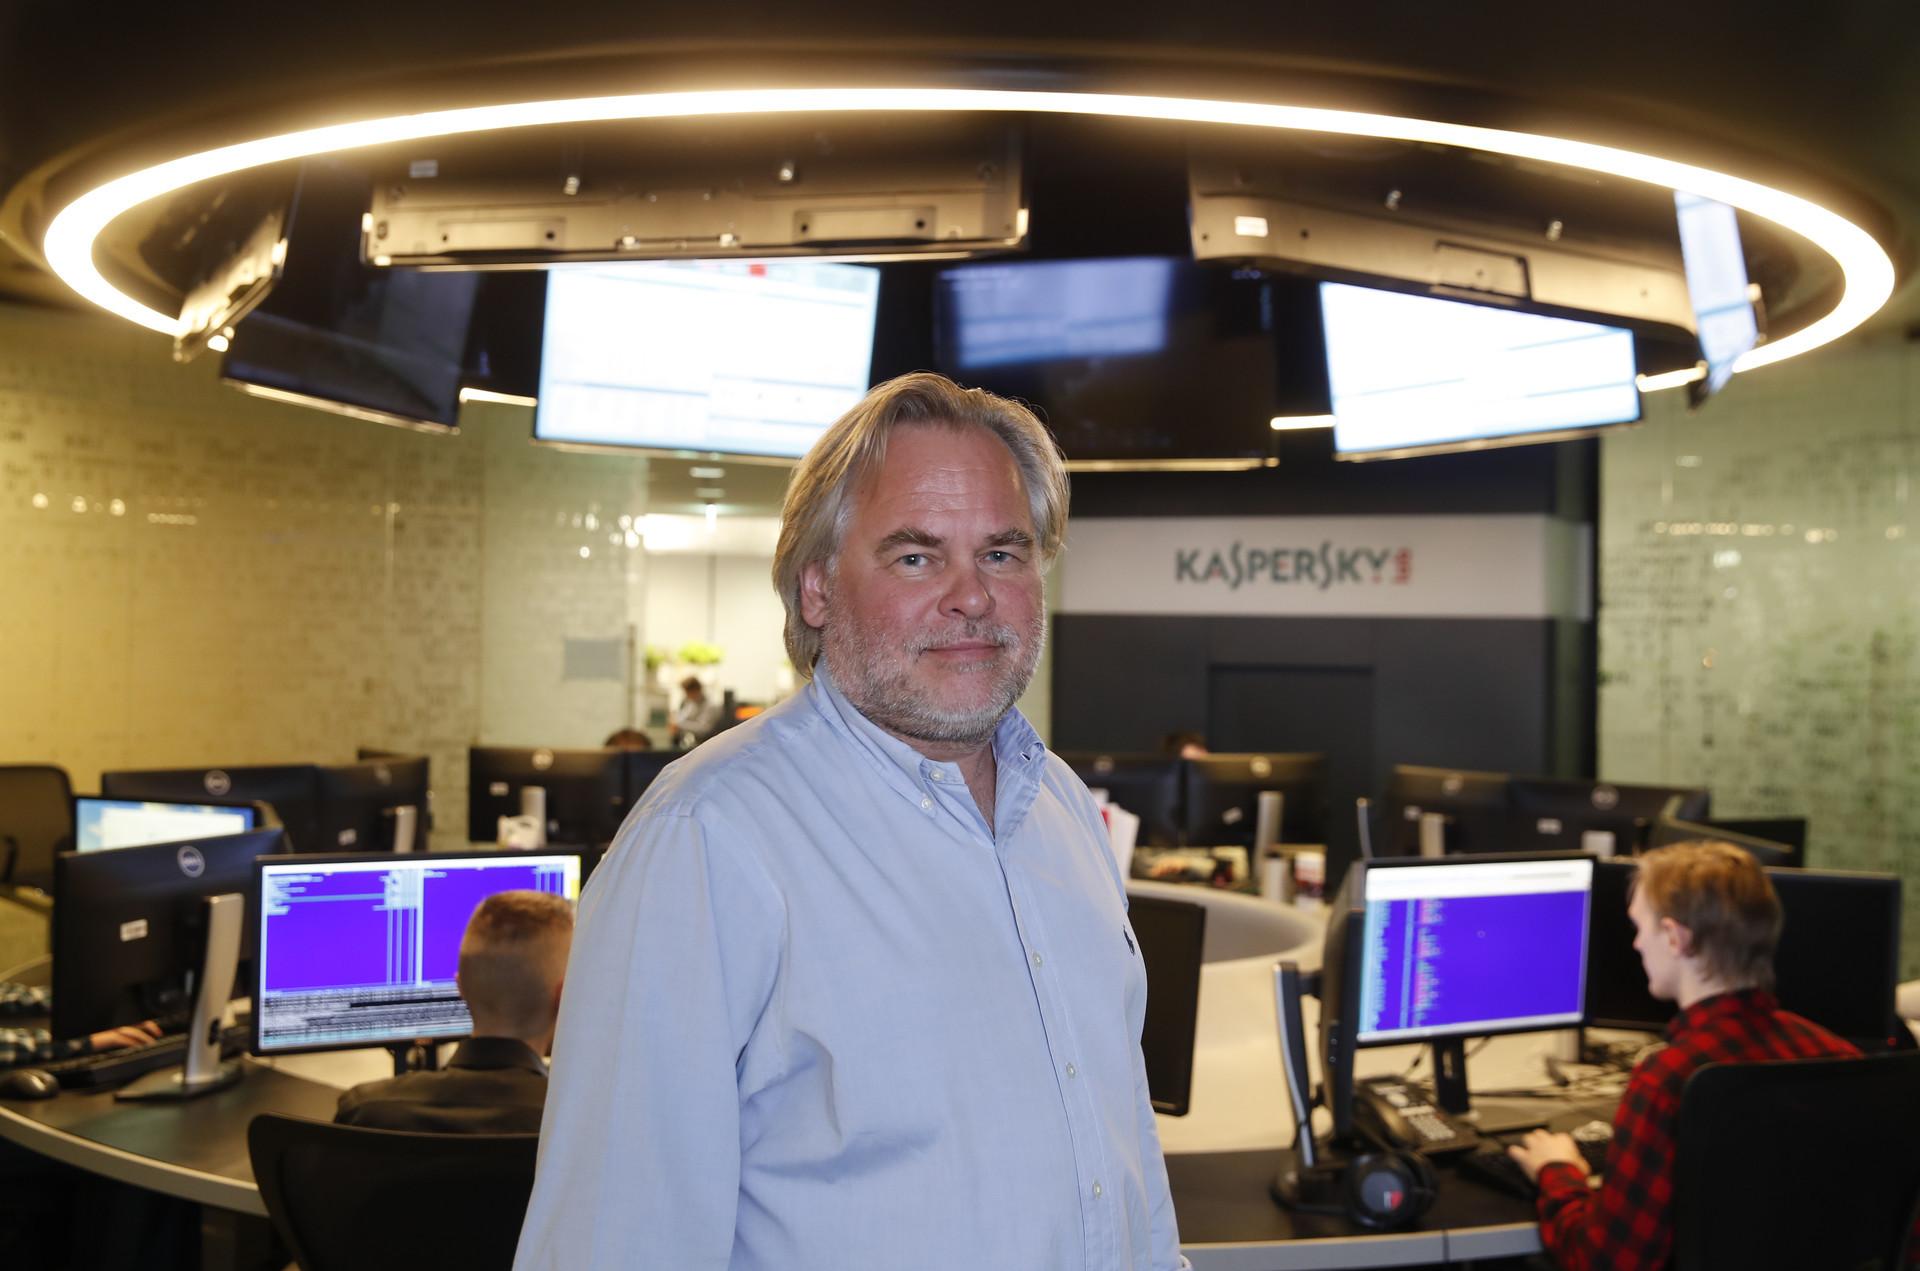 Eugen Kaspersky, CEO ove ruske tvrtke, usporedio je američke poteze s lovom na vještice.